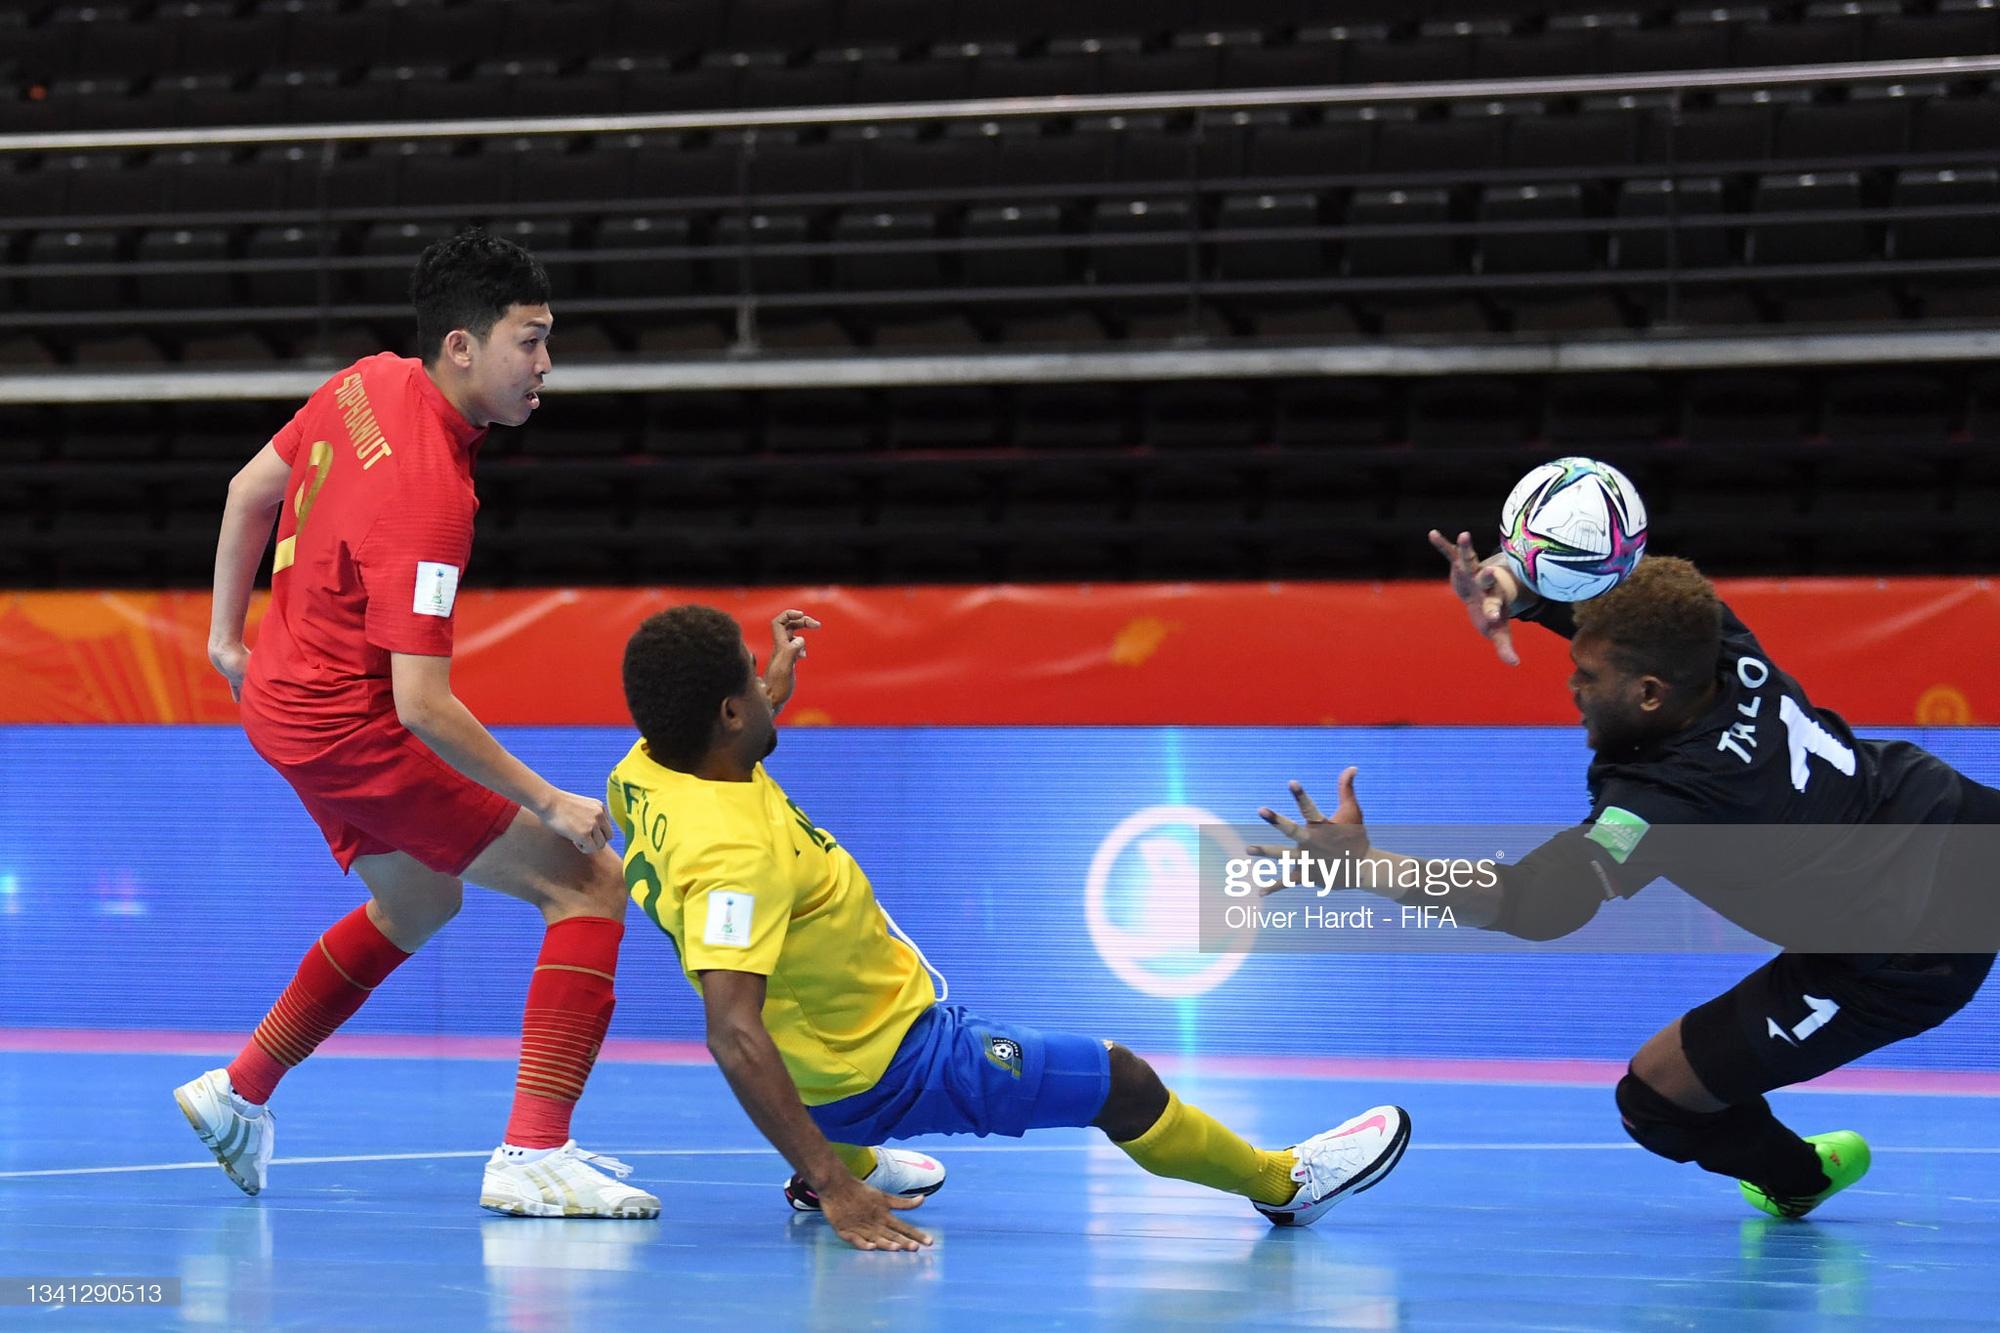 Fan Việt Nam và Thái Lan cùng ăn mừng khi 2 đội tuyển lọt vào vòng 16 đội Futsal World Cup 2021 - ảnh 4